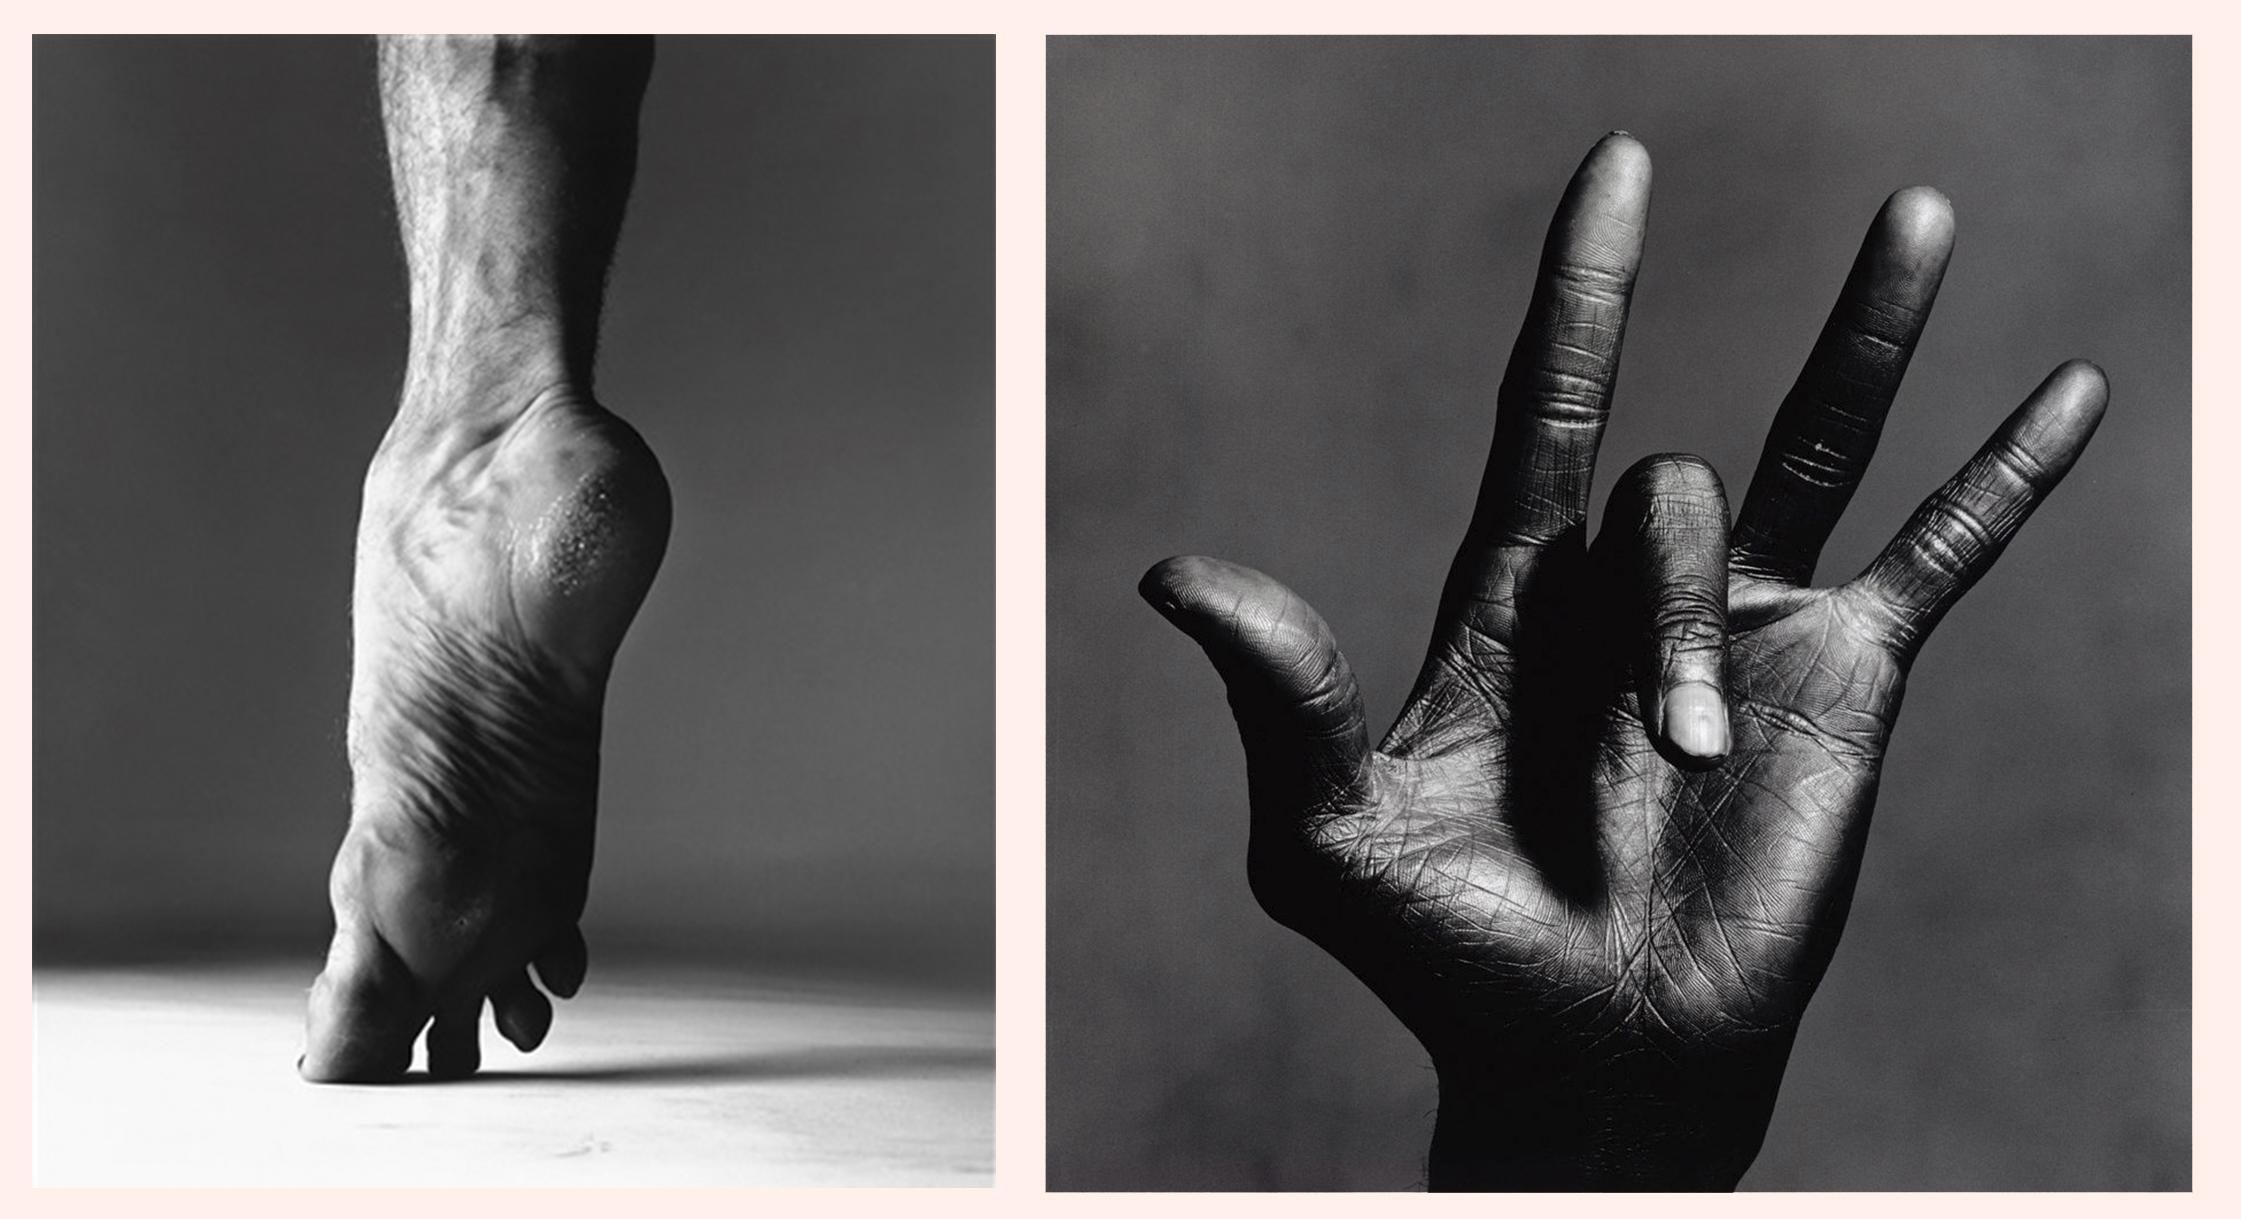 אירווינג פן, כף ידו של מיילס דייוויס, 1986 / ריצ׳ארד אבדון, כף רגלו של רודולף נוראייב, 1967